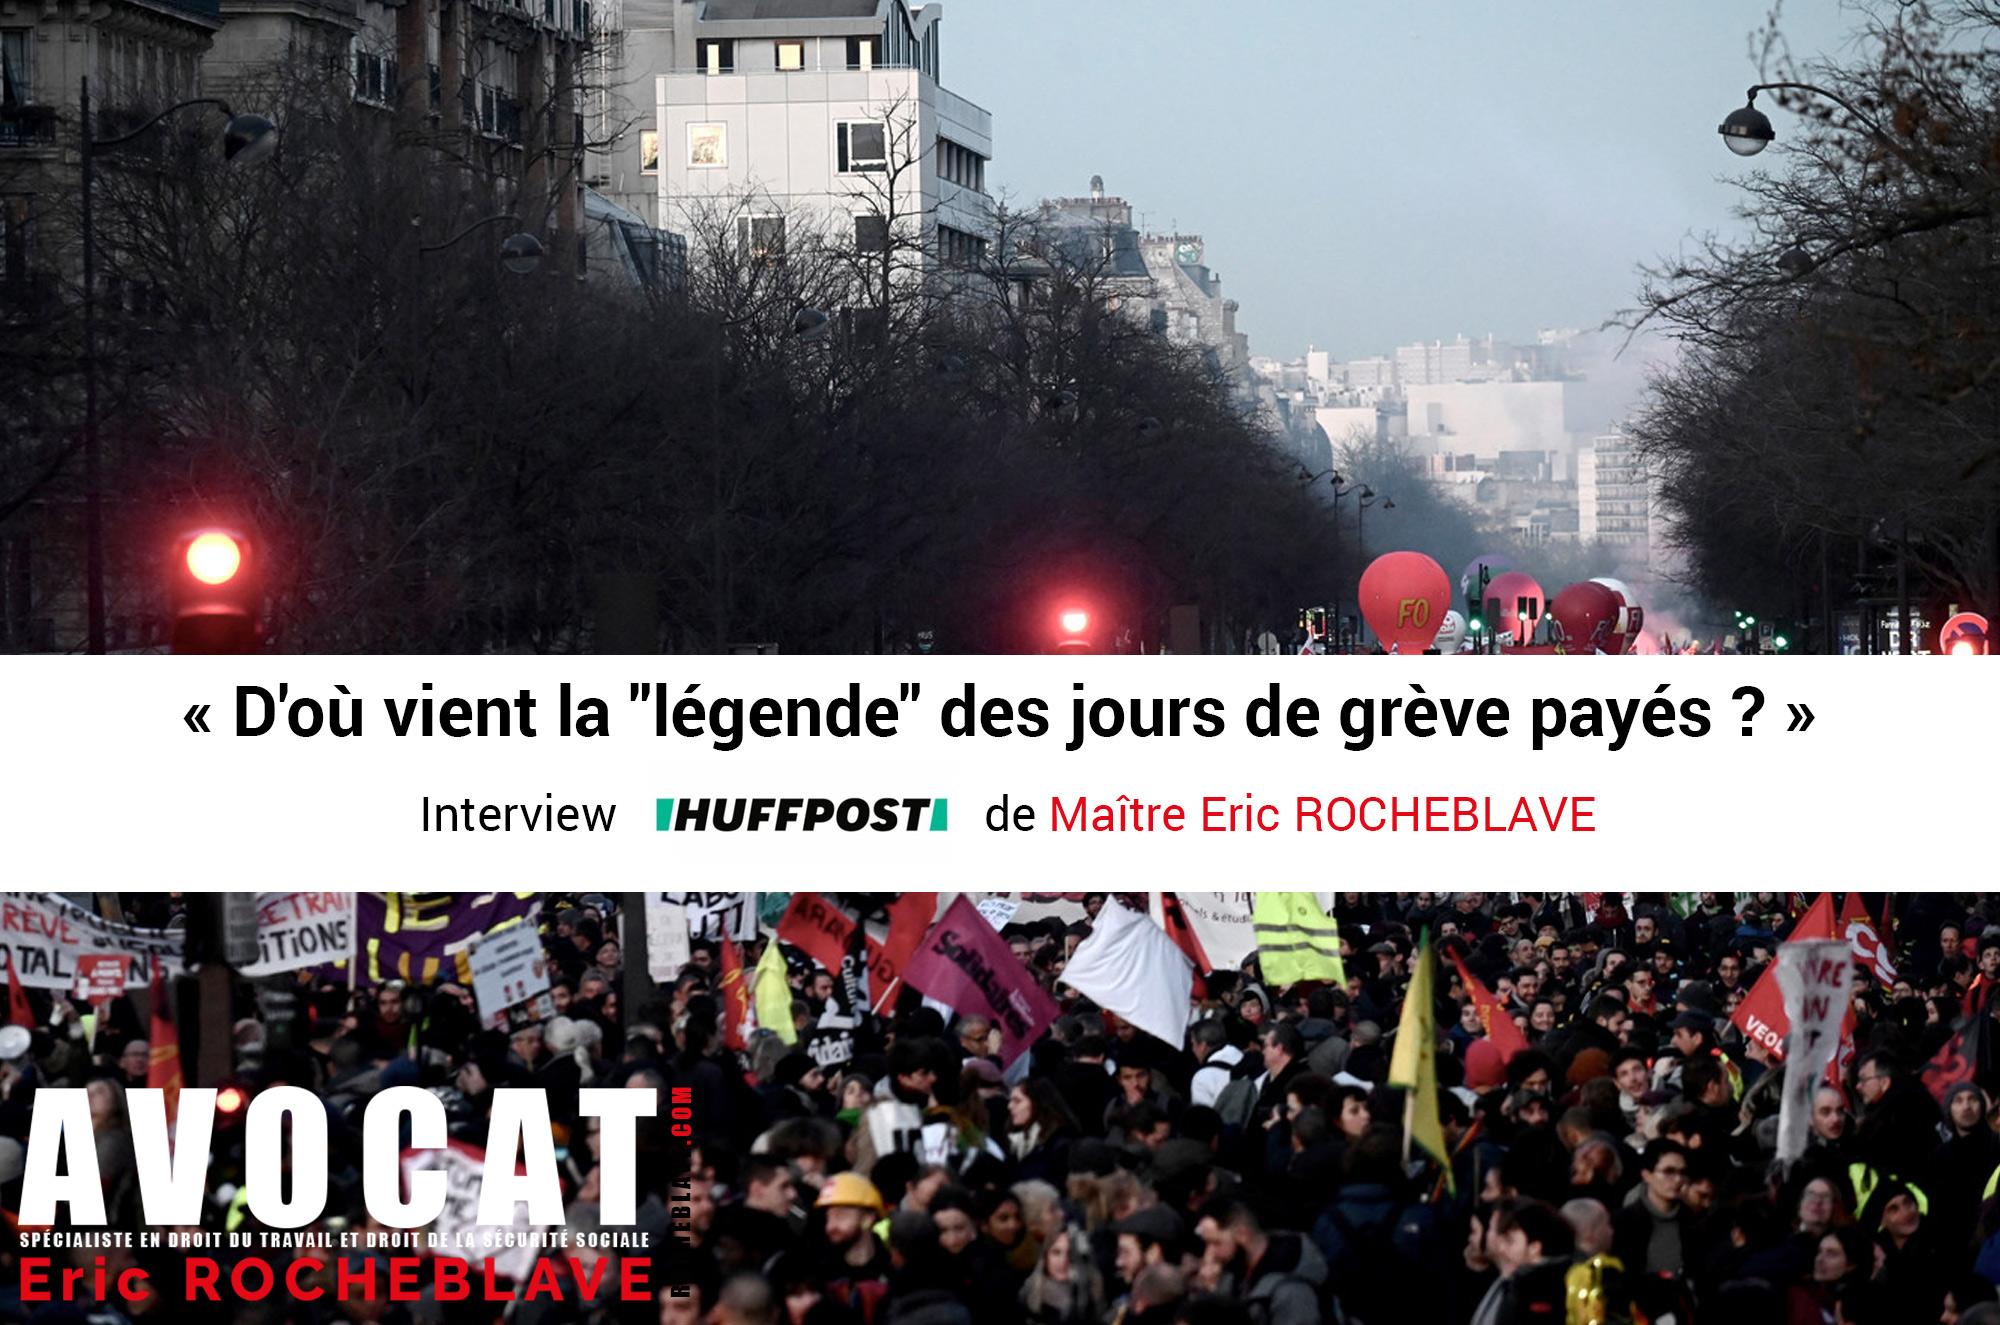 """« D'où vient la """"légende"""" des jours de grève payés ? » Interview HUFFPOST de Maître Eric ROCHEBLAVE"""